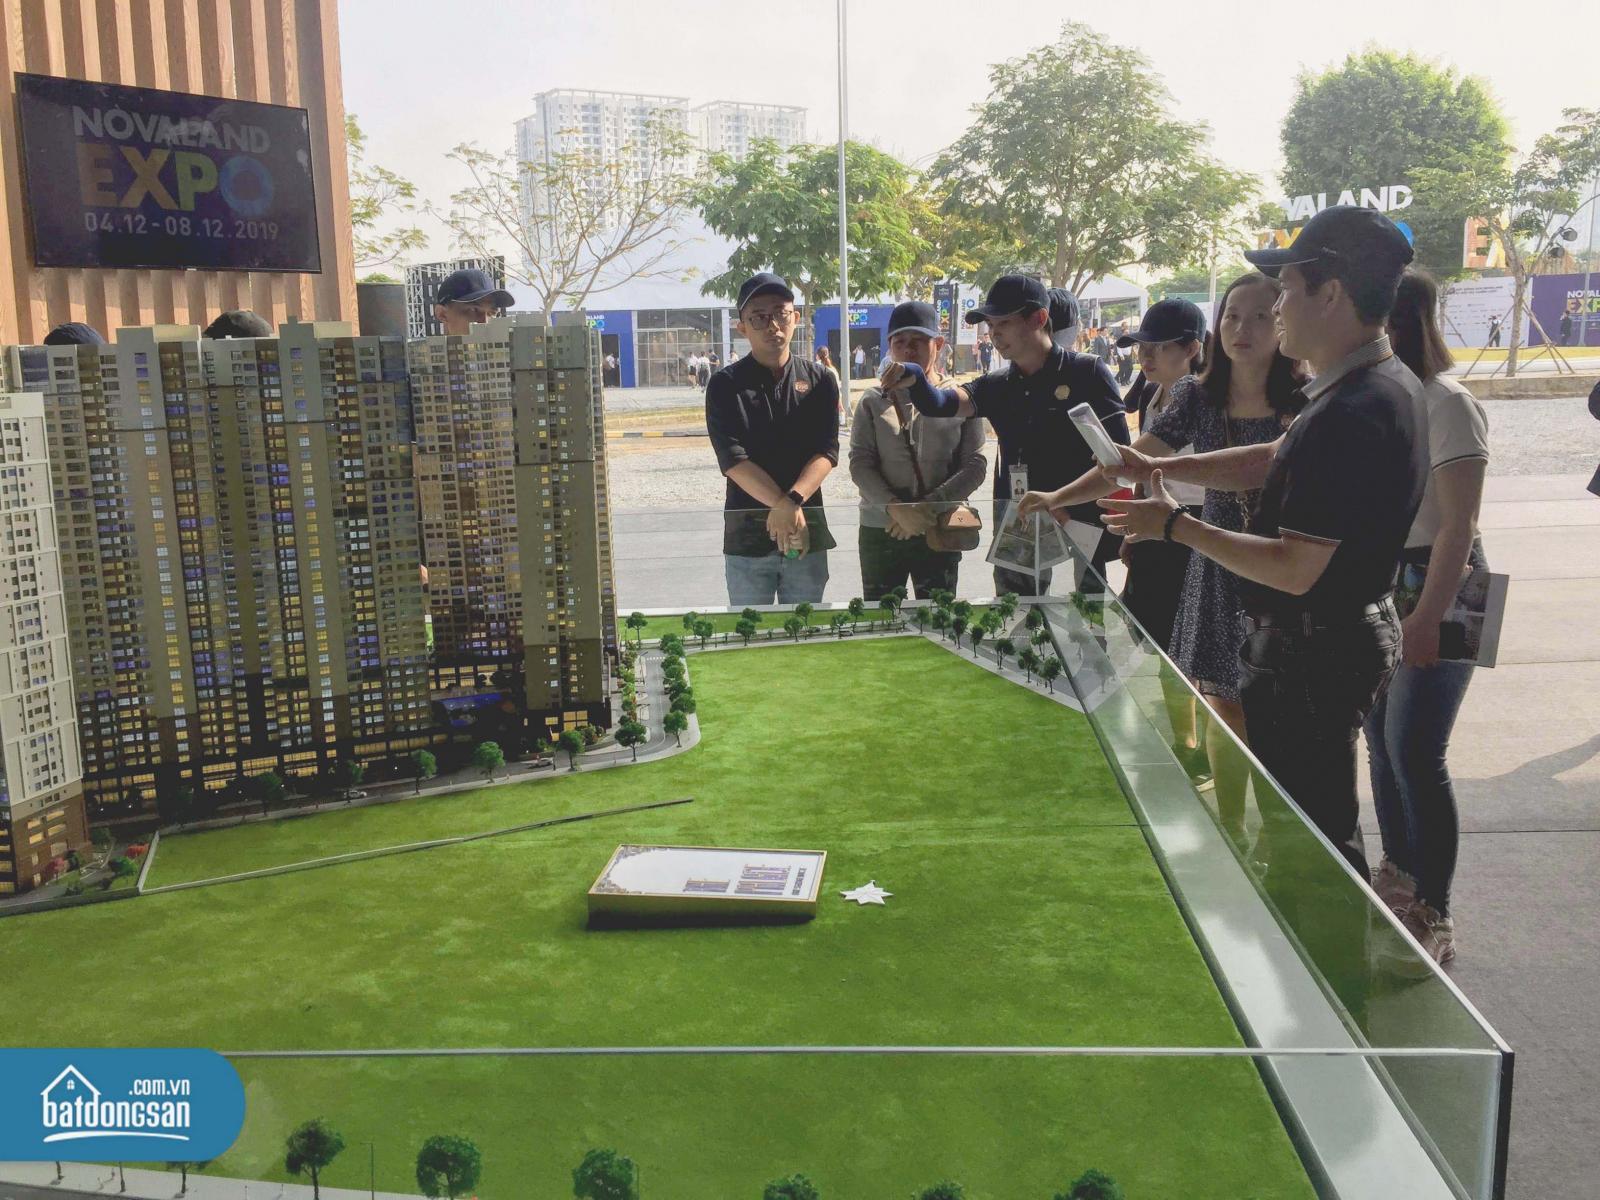 Một nhóm người đứng quanh sa bàn dự án bất động sản là những tòa nhà cao tầng nằm trên bãi cỏ.